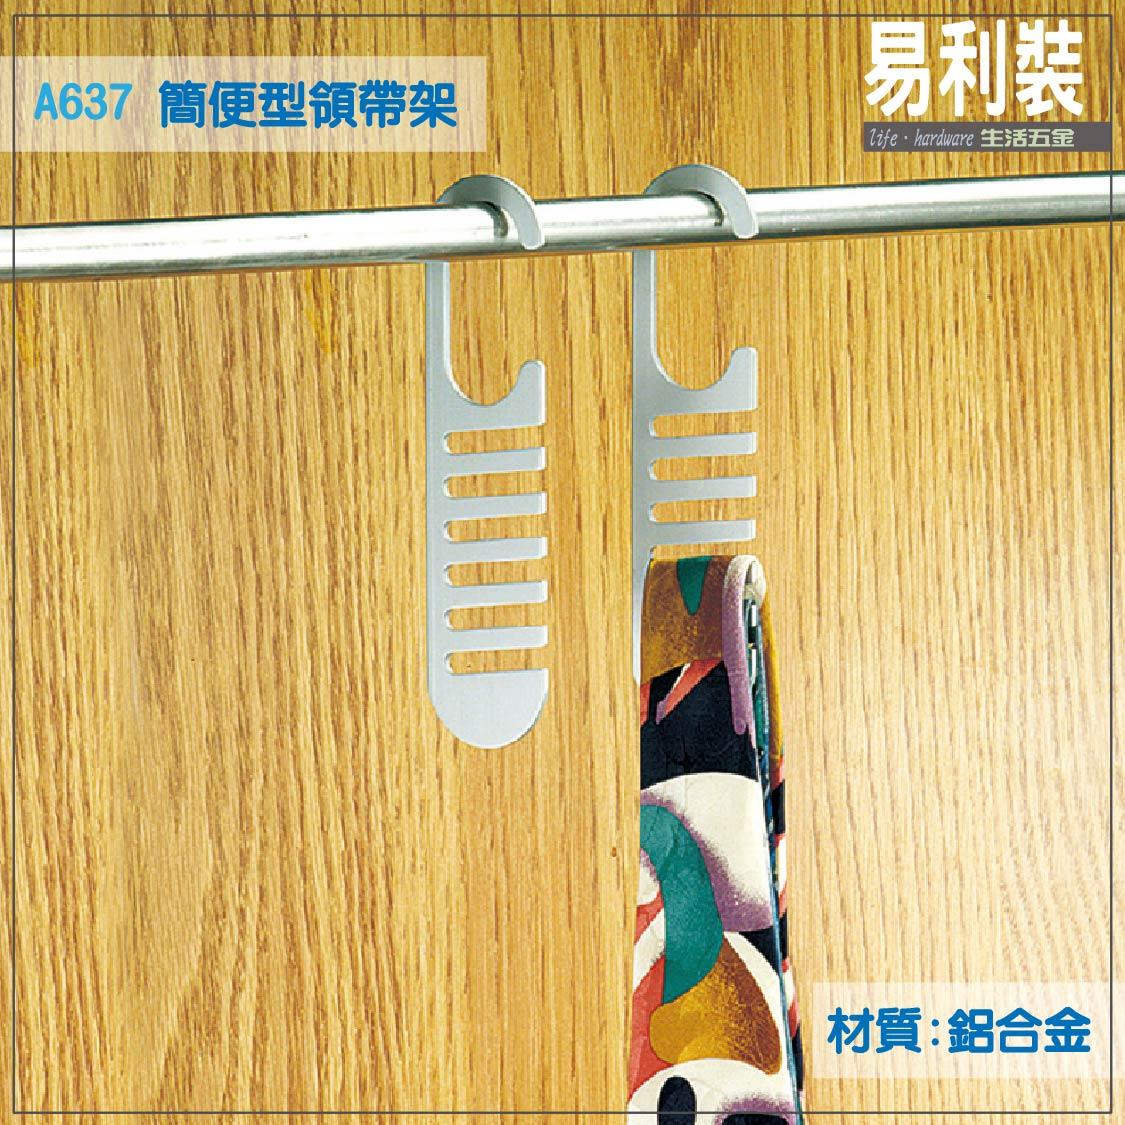 【 EASYCAN  】A637 簡便型領帶架 易利裝生活五金 房間 臥房 客廳 小資族 辦公家具 系統家具 - 限時優惠好康折扣